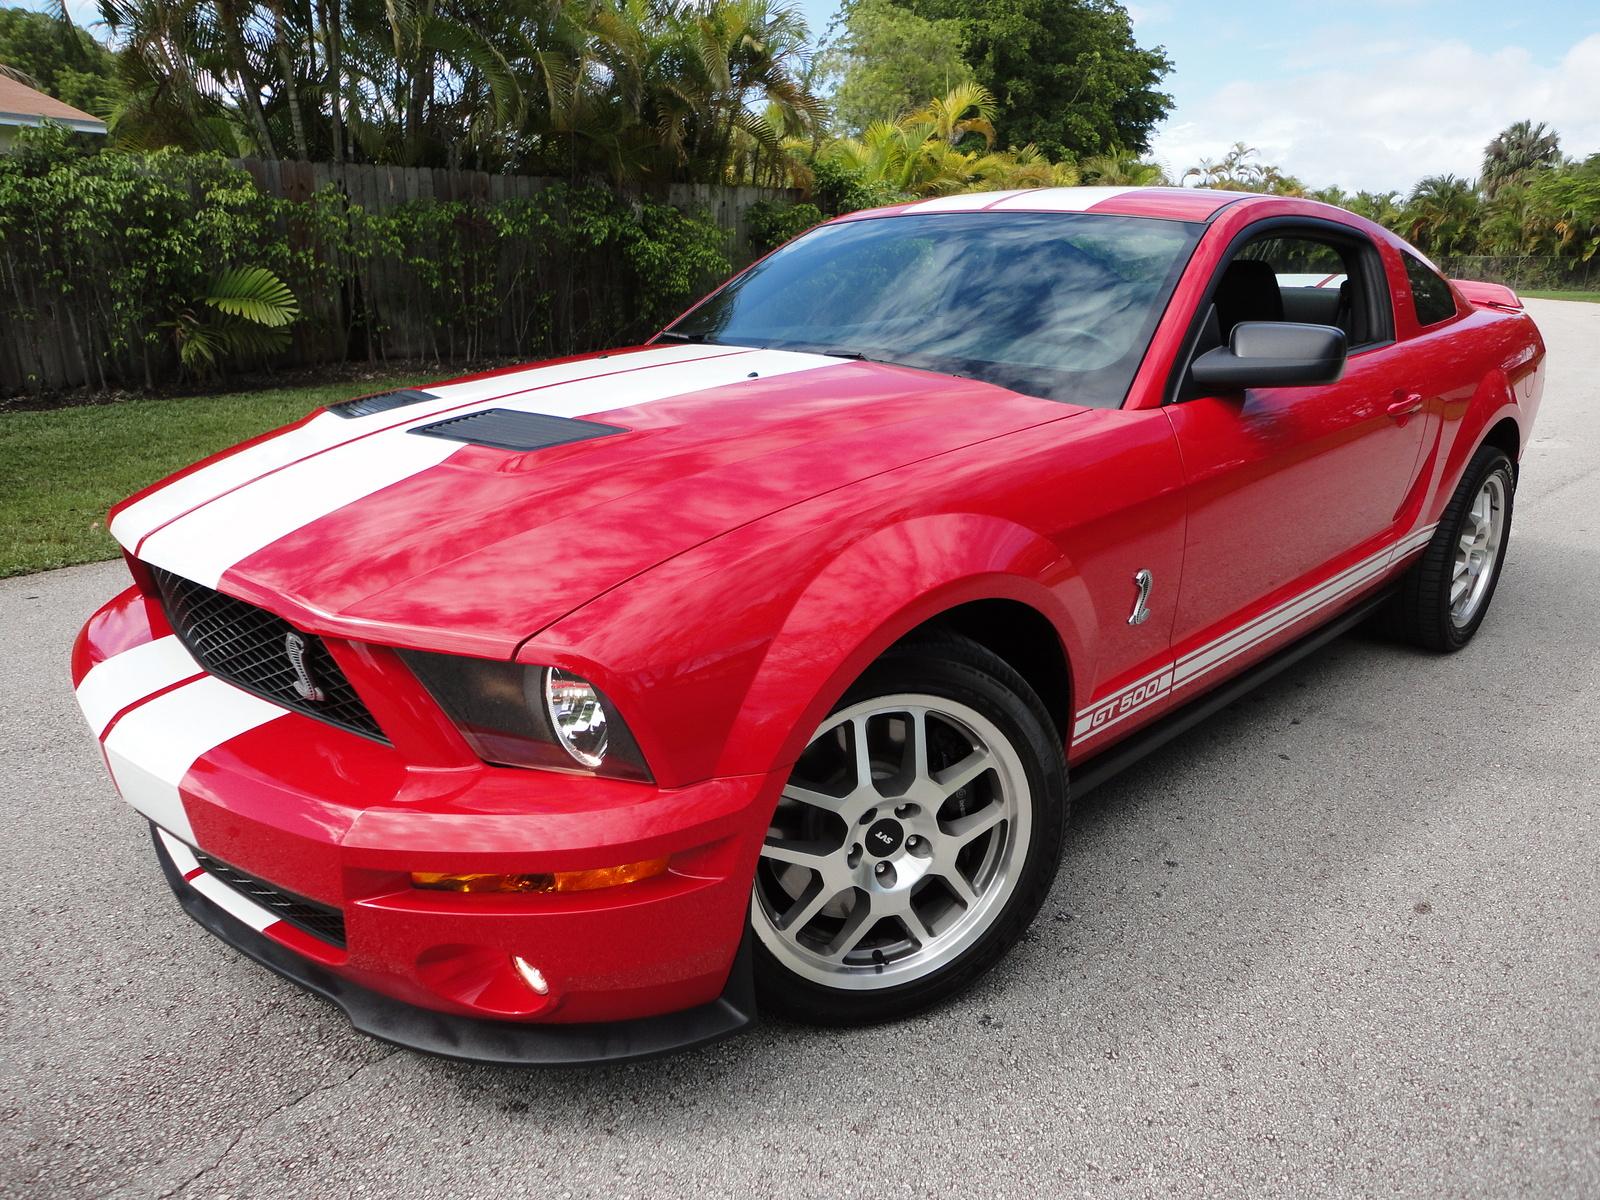 2004 Mustang Cobra